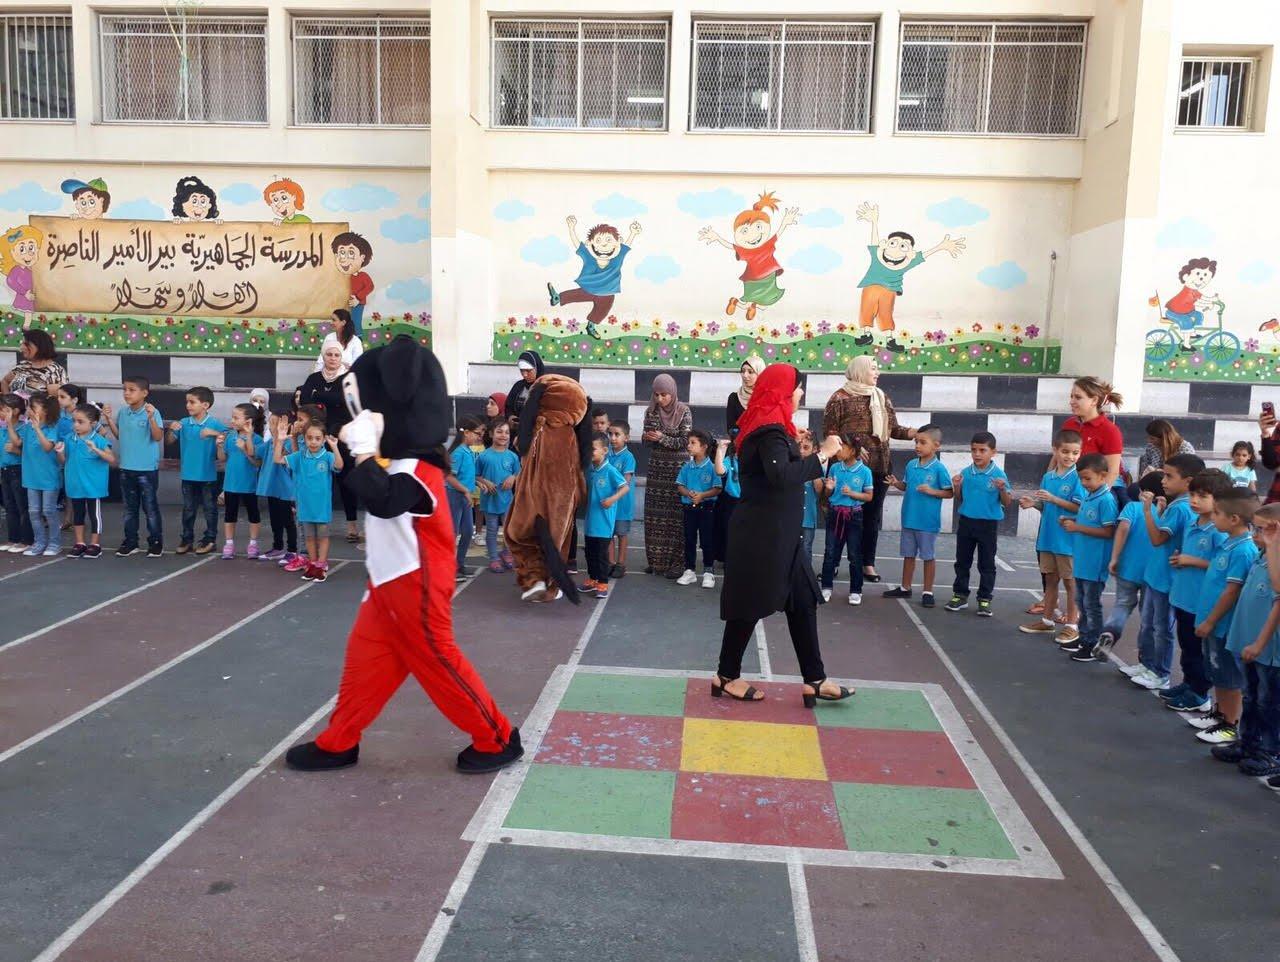 طاقم المدرسة الجماهيرية بير الامير يستقبل الطلاب بحفاوة كبيرة